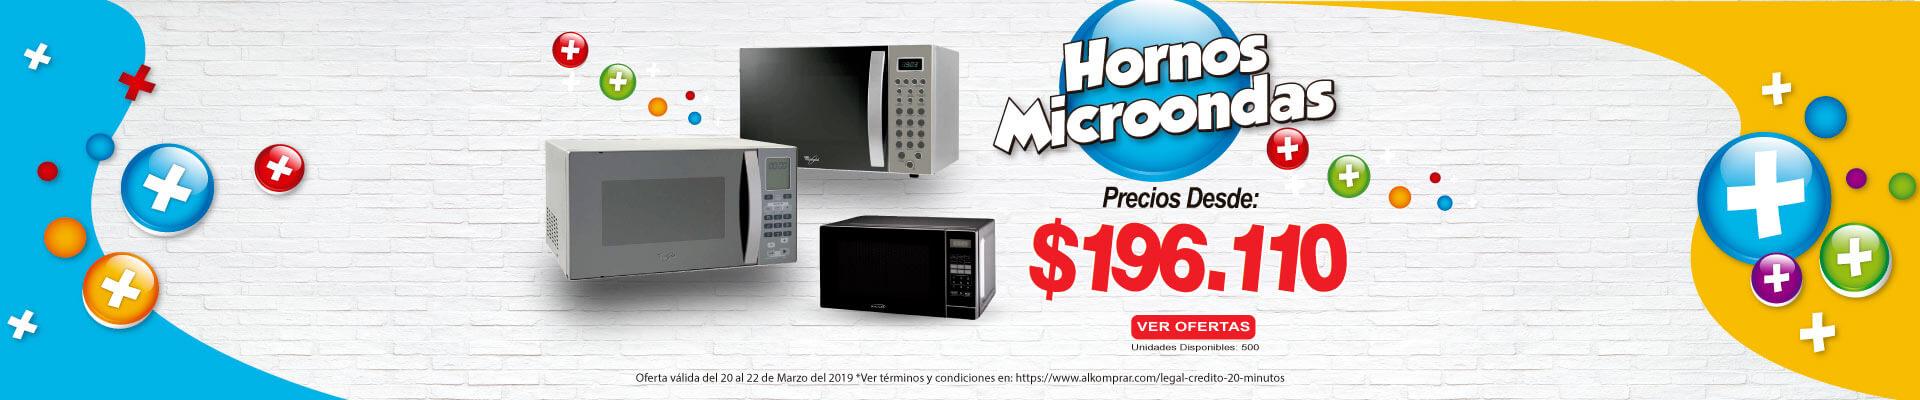 BP ALKP HORNOS MICROHONDAS PREIOS DESDE $196.110